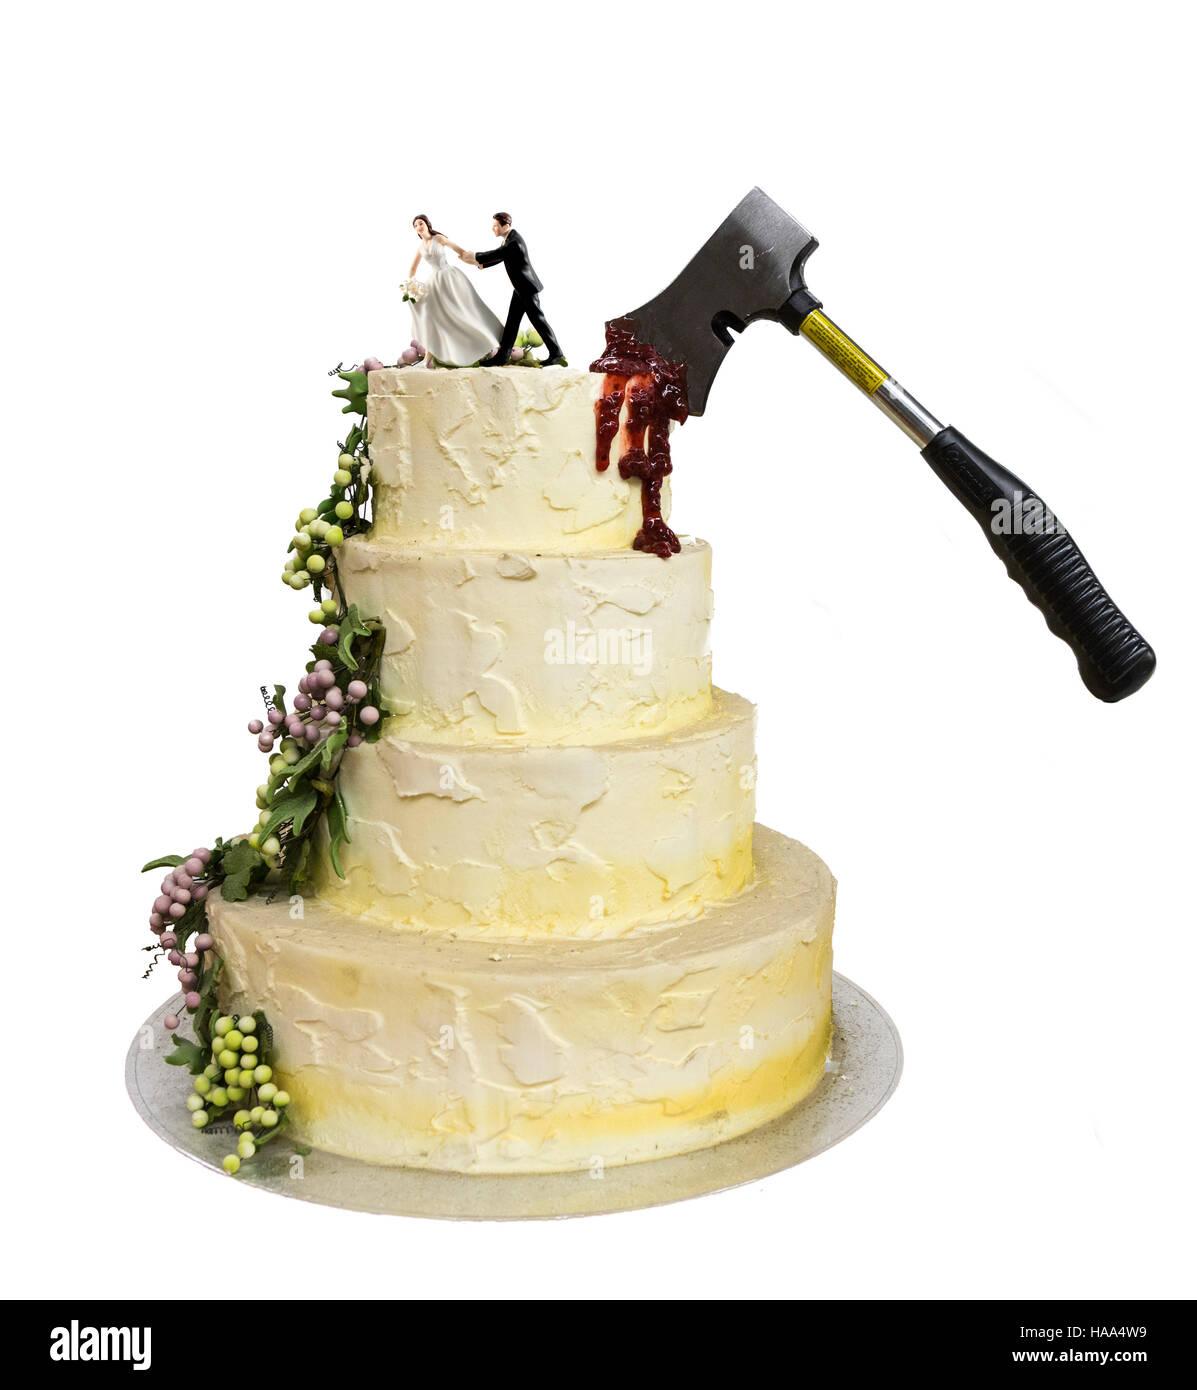 Axed wedding cake - Stock Image